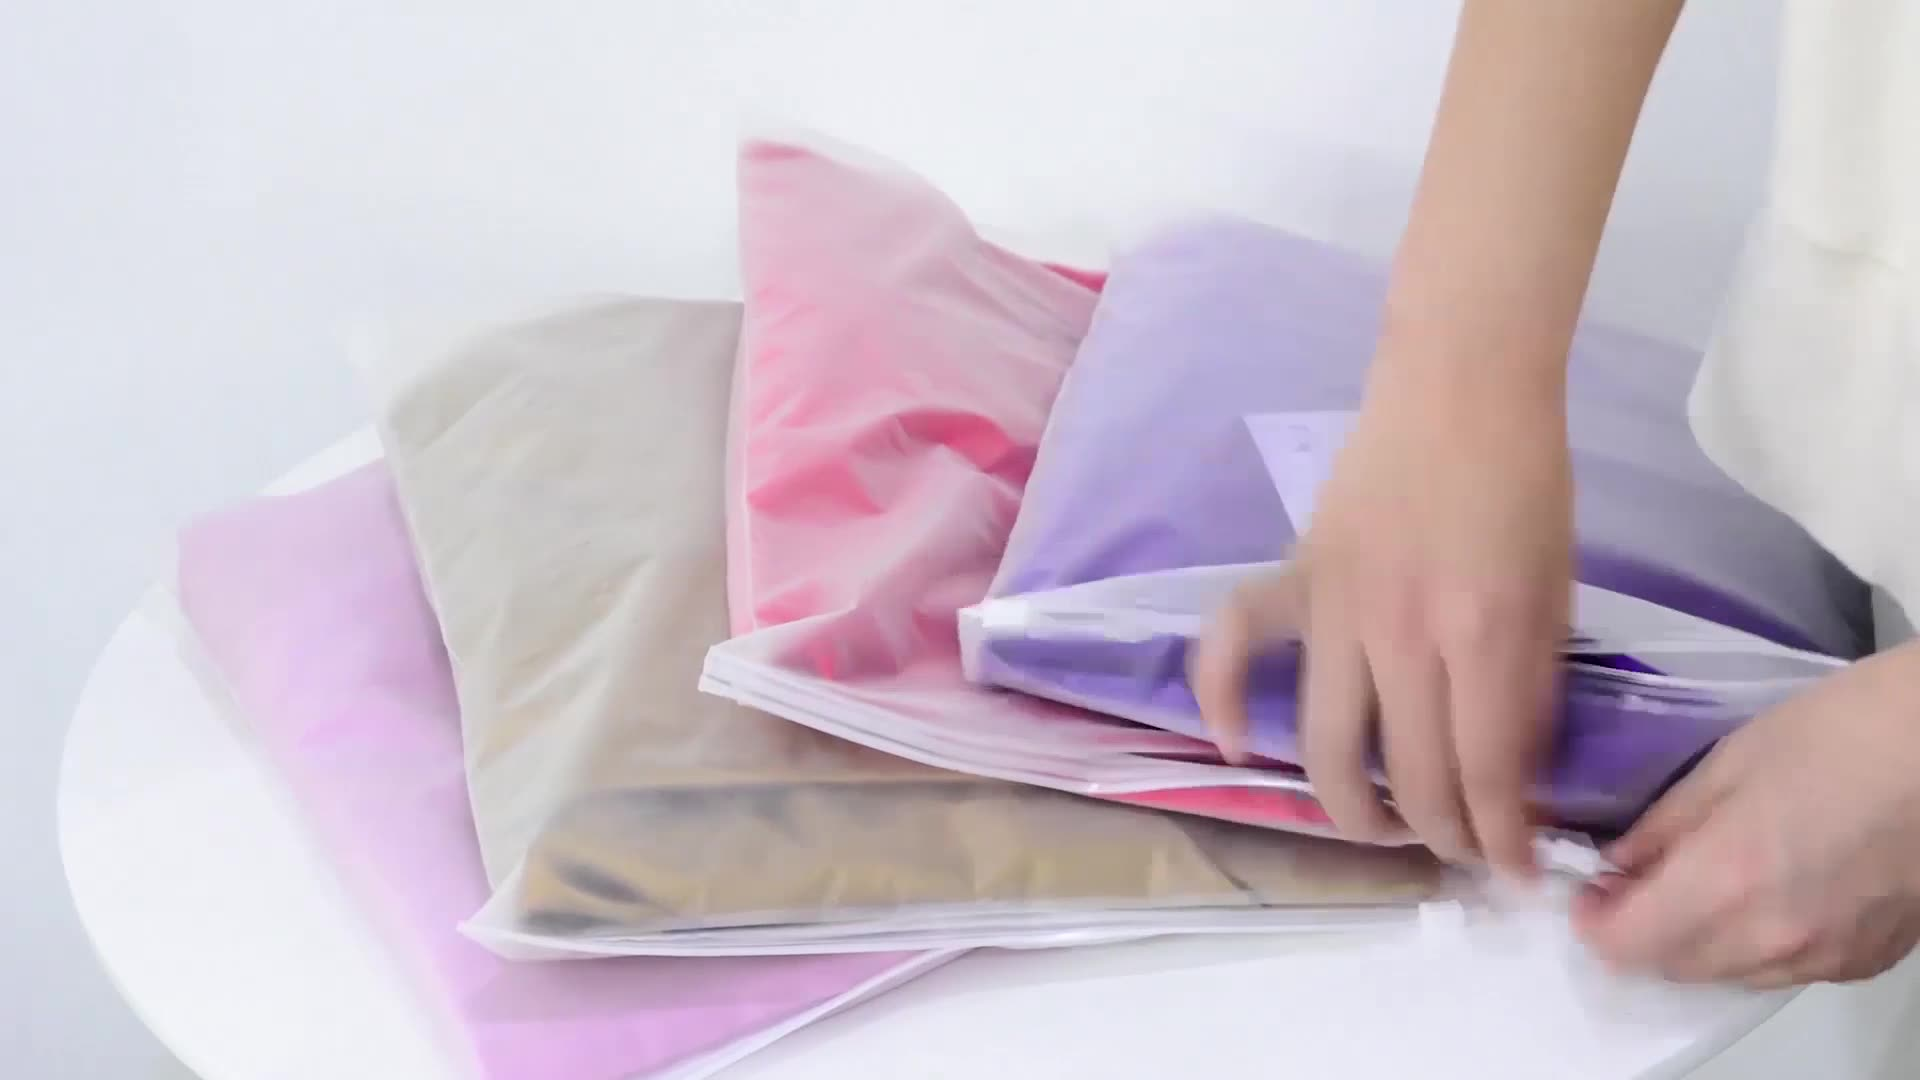 2020 г., самые популярные накидки для парового стула yoni, одежда для парового стула